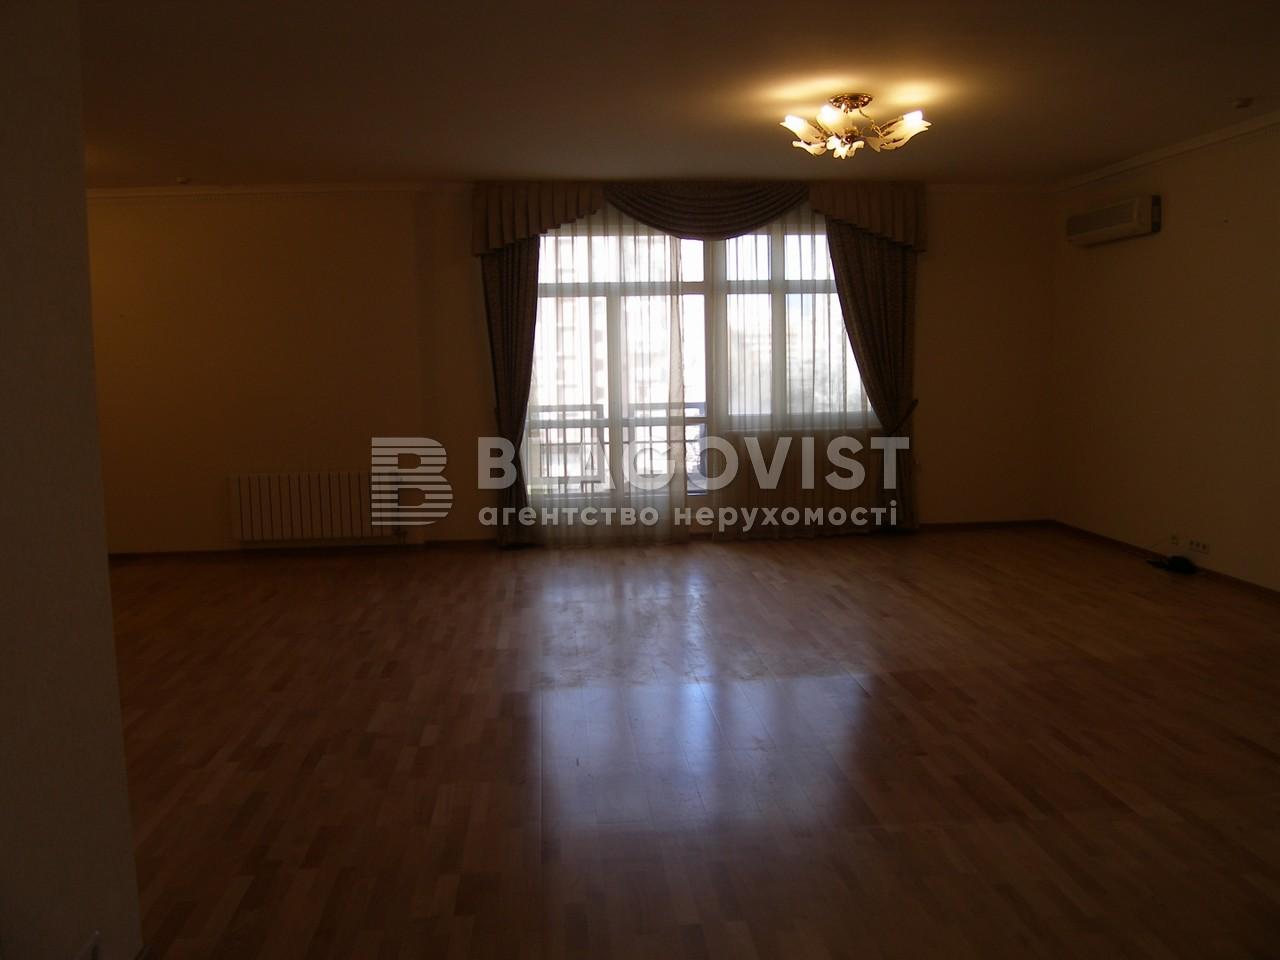 Квартира H-30621, Бульварно-Кудрявская (Воровского), 36, Киев - Фото 9